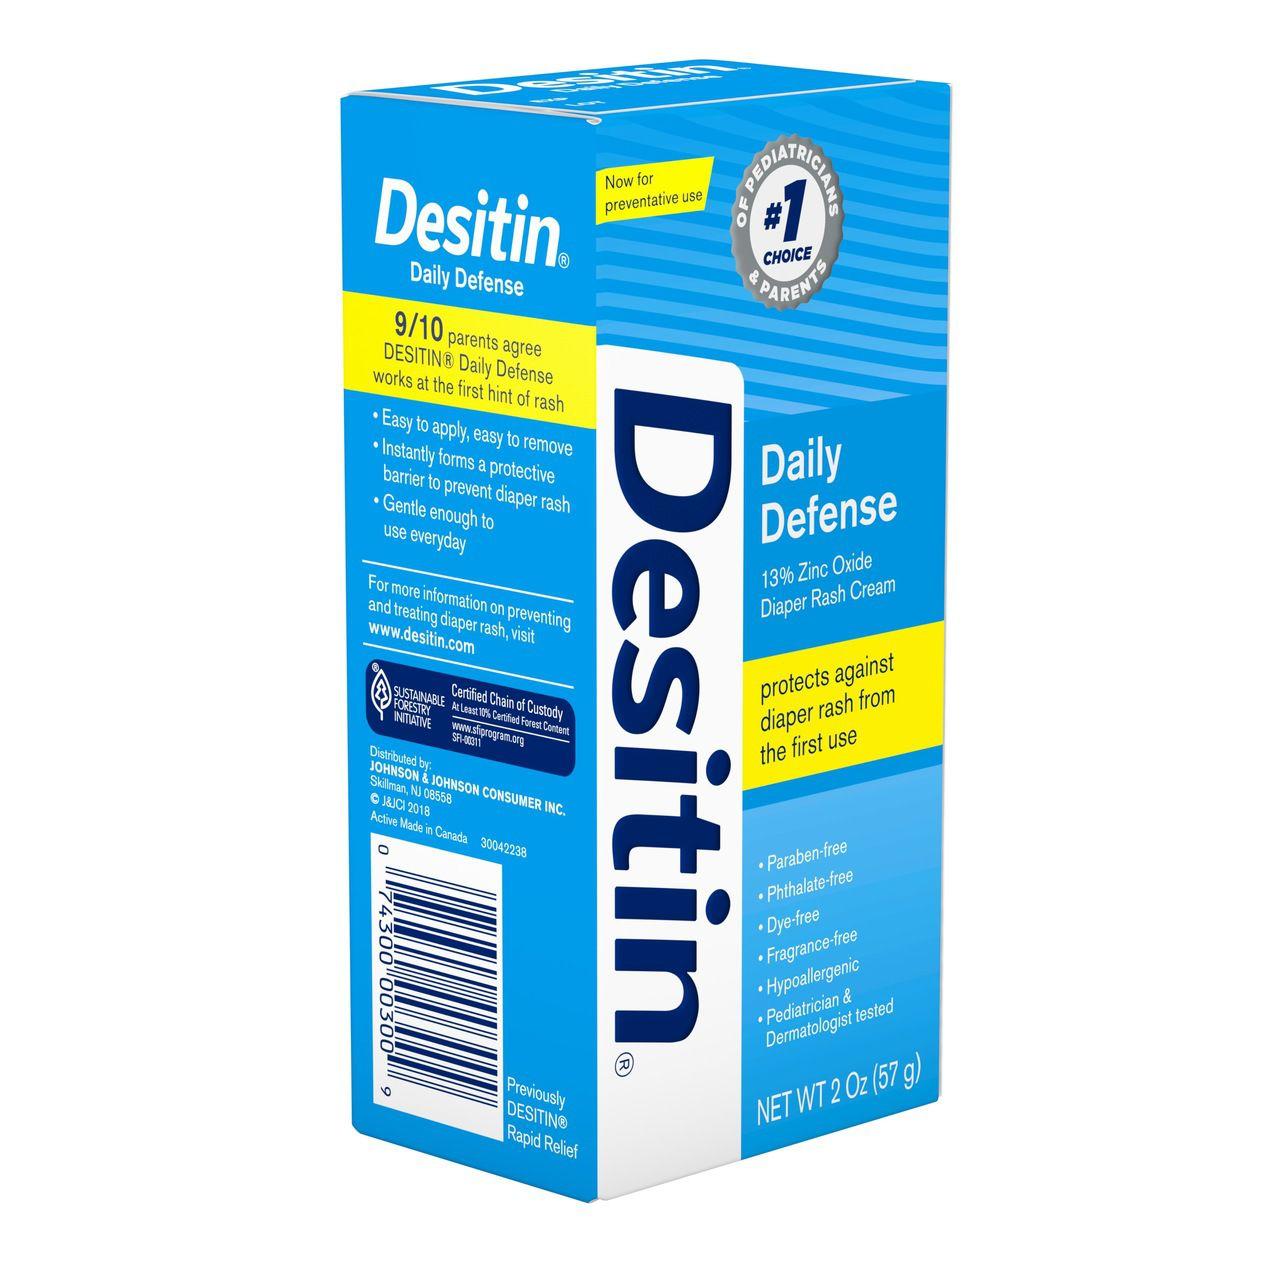 Pomada Desitin Daily Defense Creme 113g - Promoção Validade 04/21